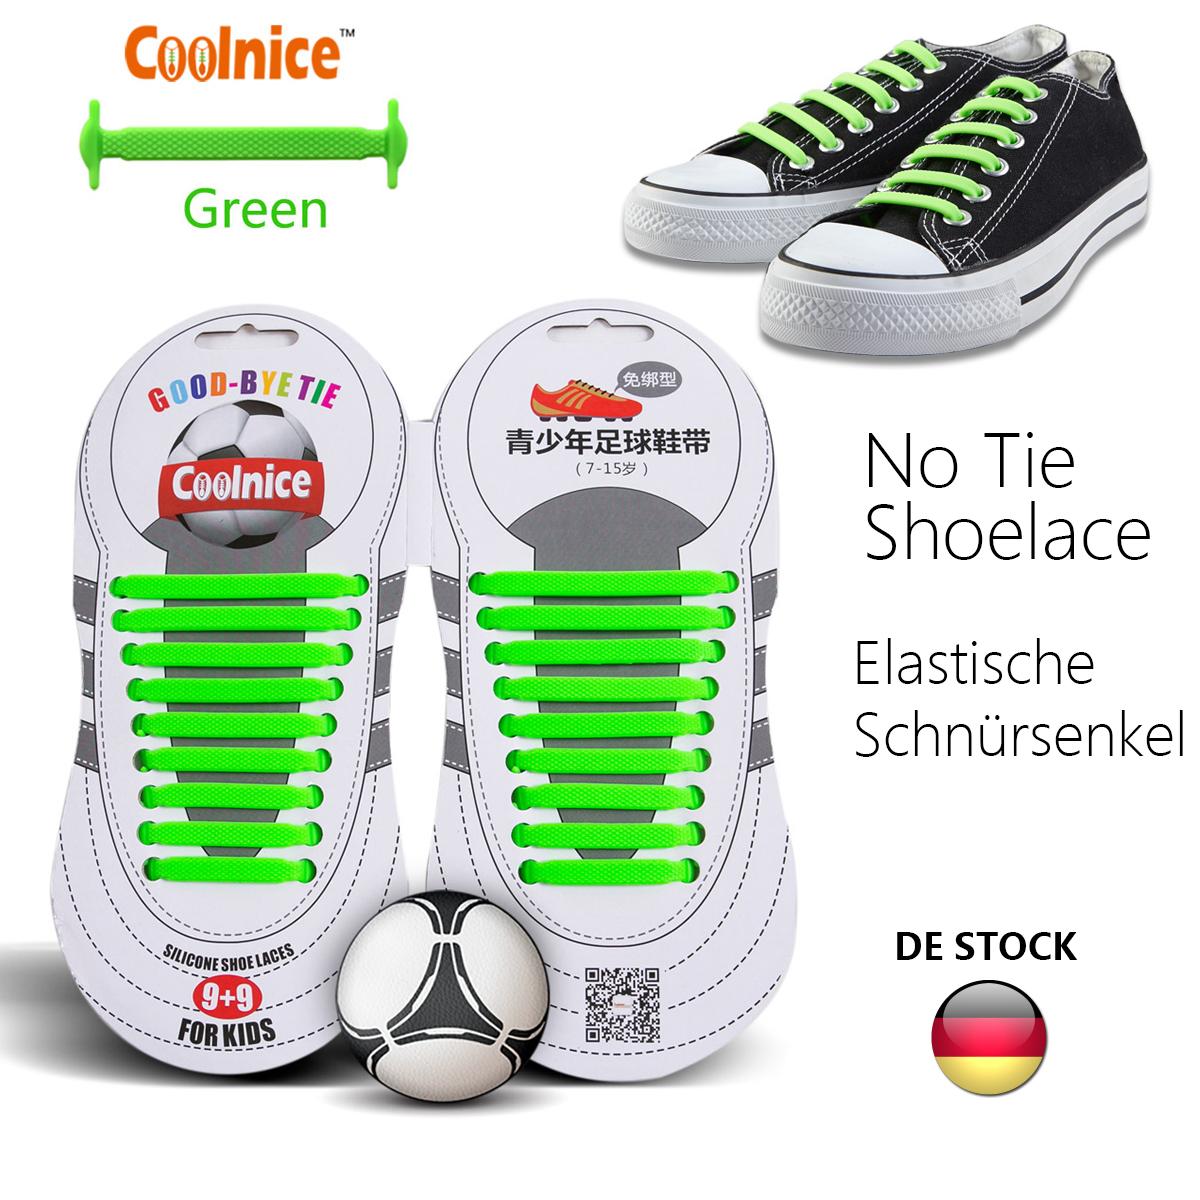 Kinder Slip-on Bunte Silikon Elastische Schnürsenkel Kein